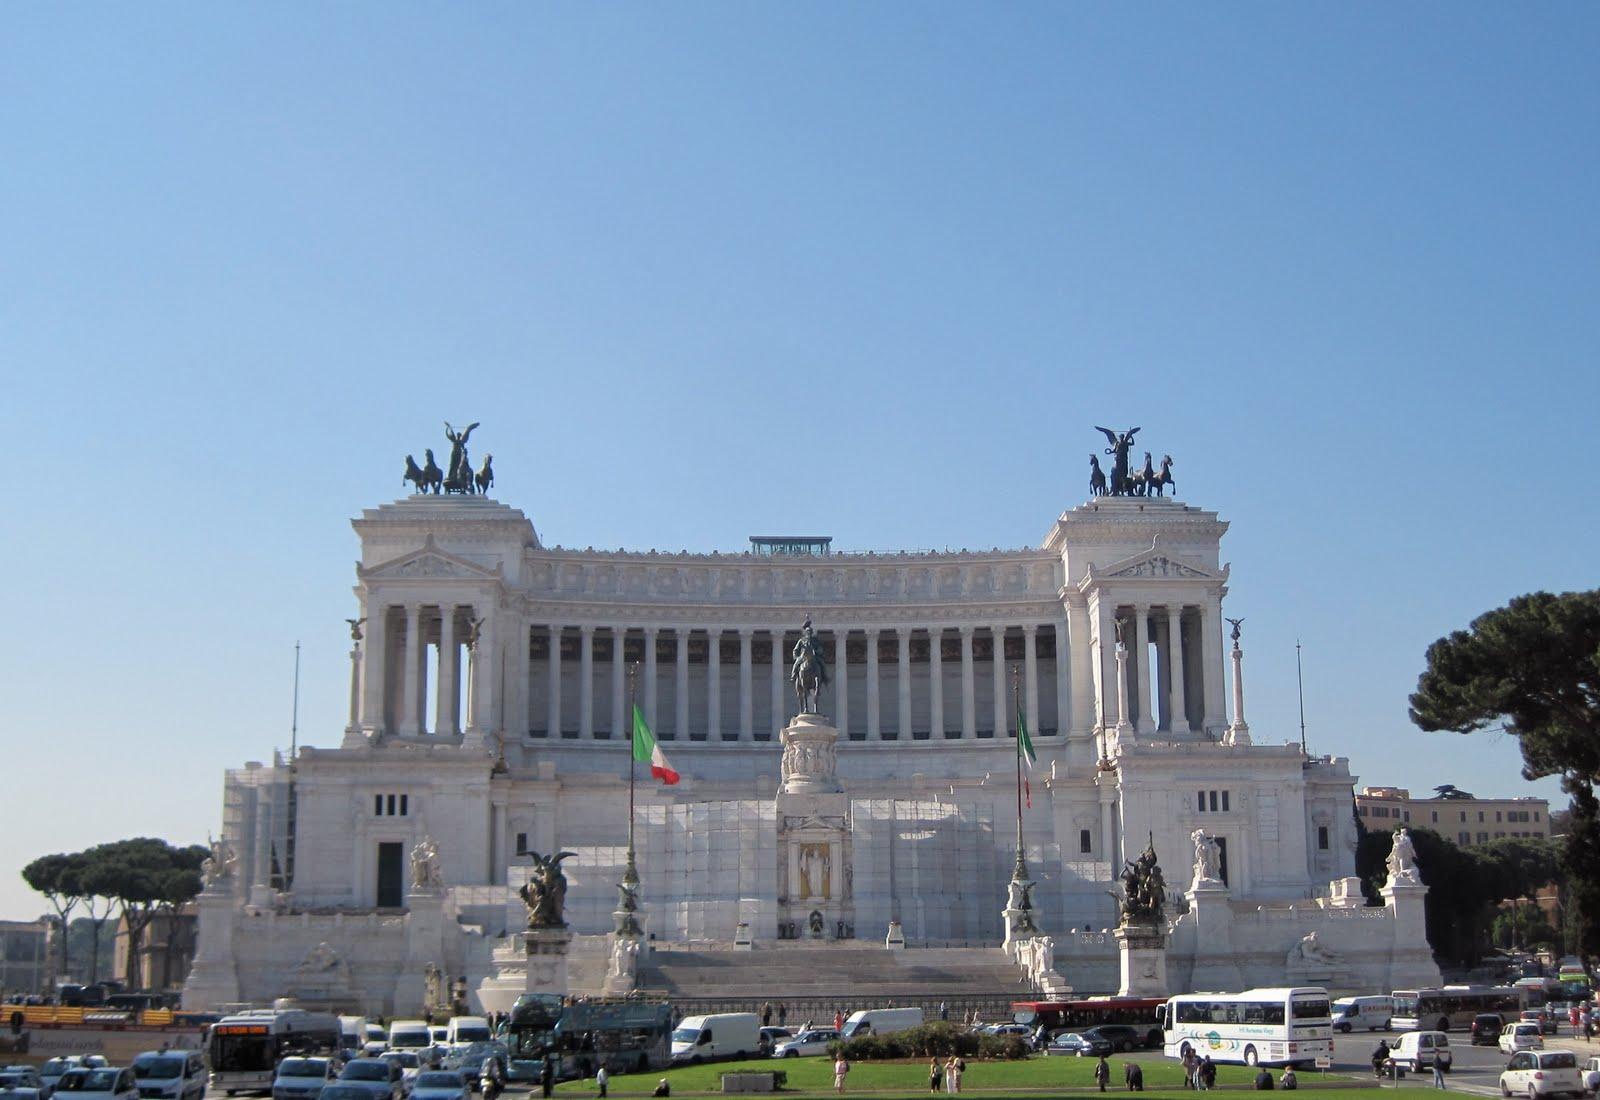 World cruise 2010 rome civitavecchia italy - Rome civitavecchia italy cruise port ...